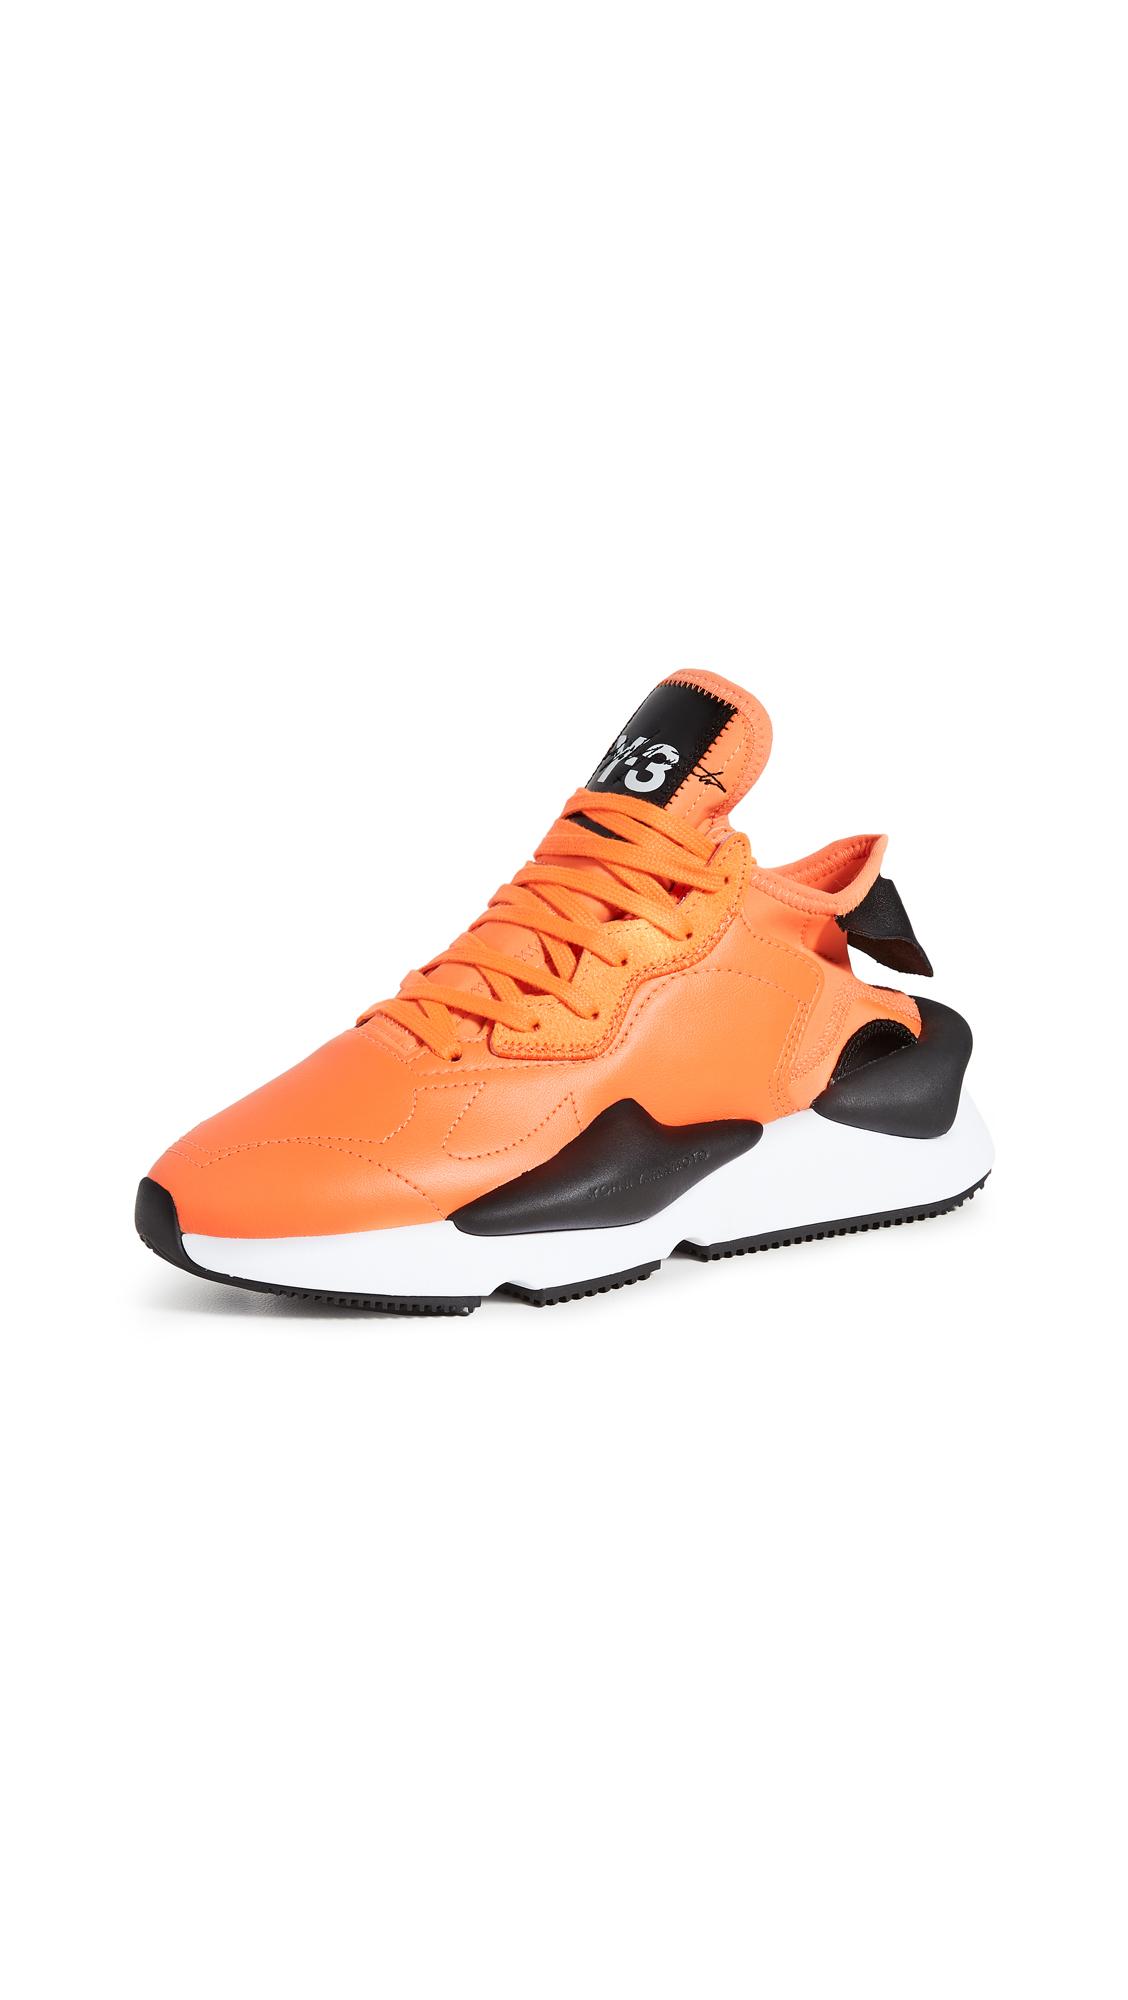 Y-3 Y-3 Kaiwa Sneakers – 50% Off Sale